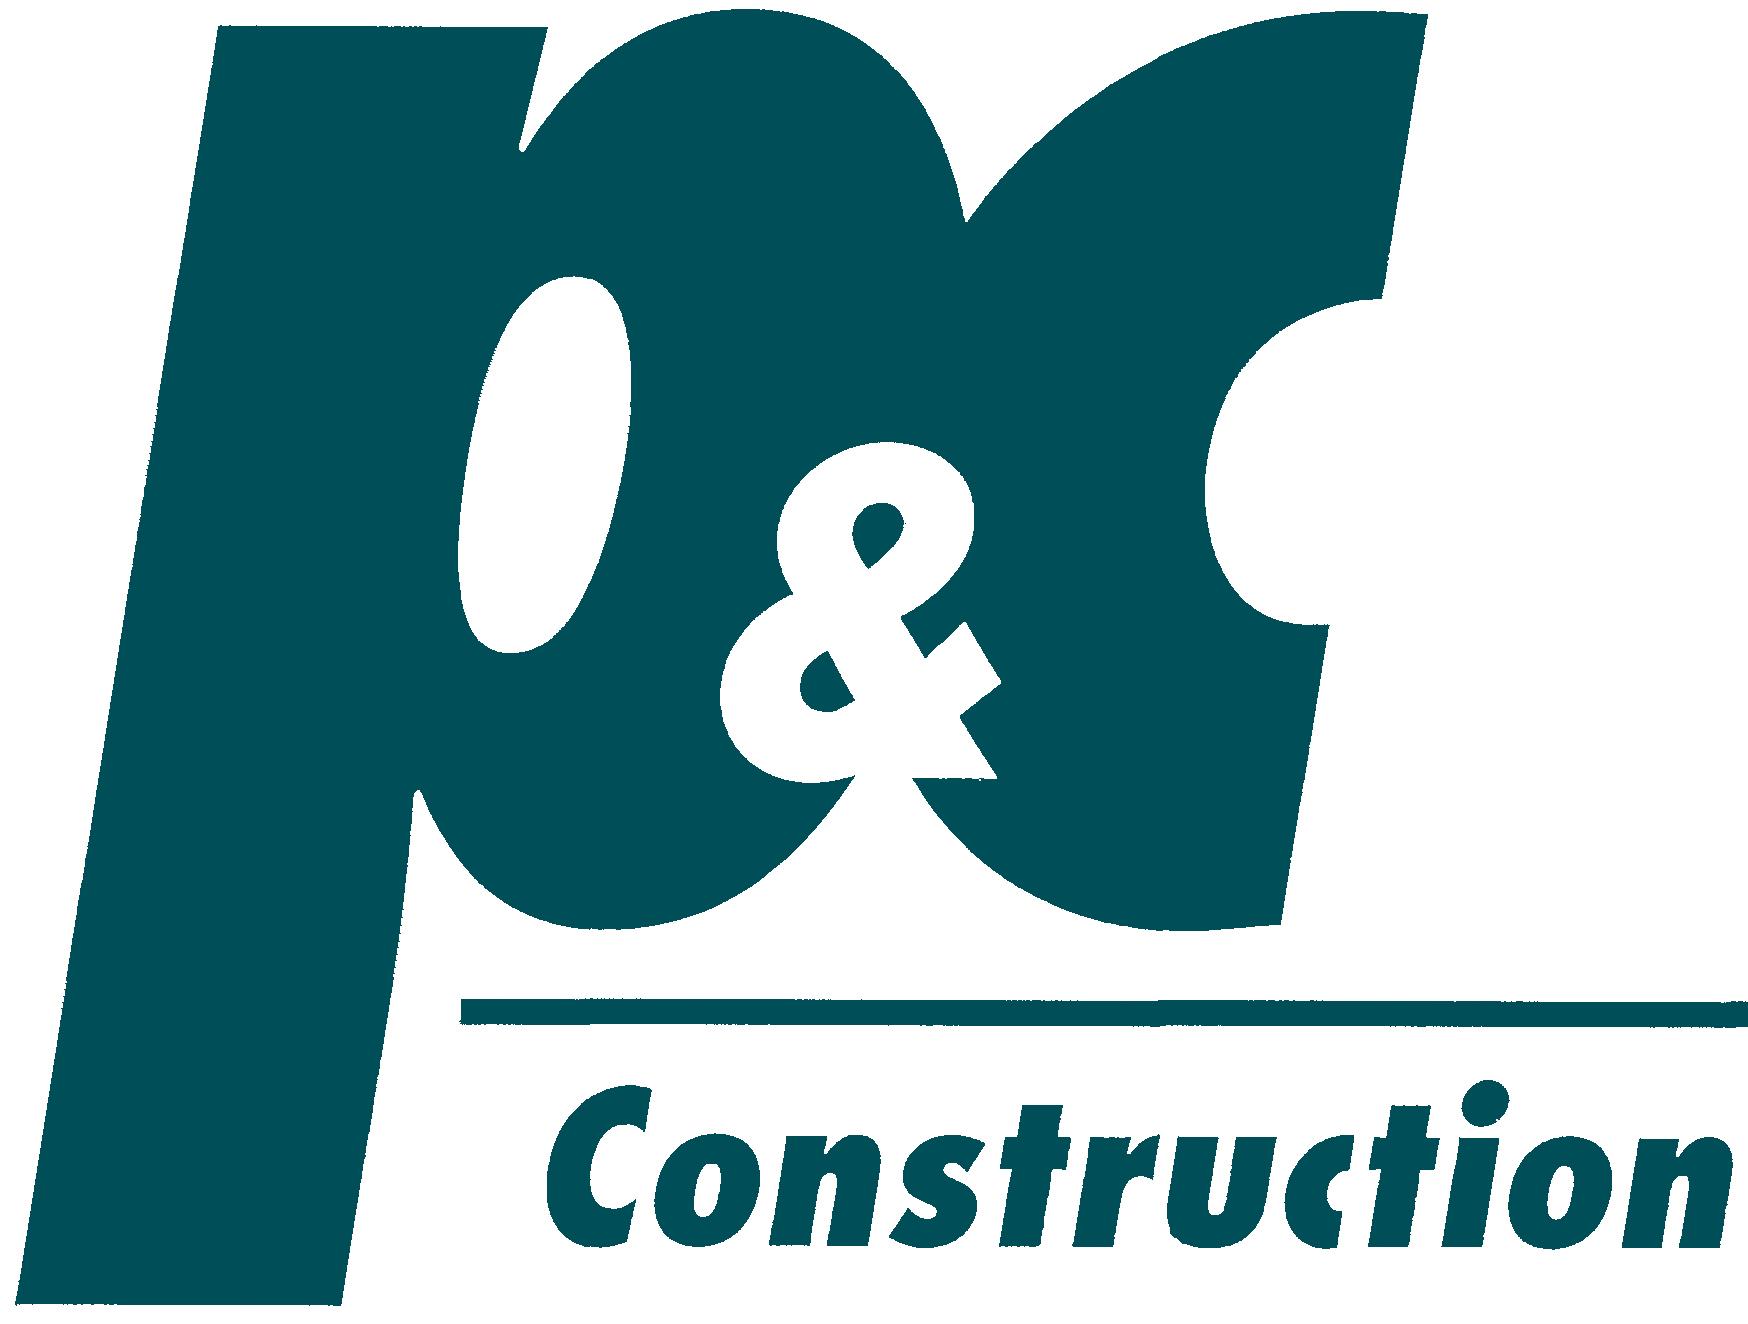 P&C Construction